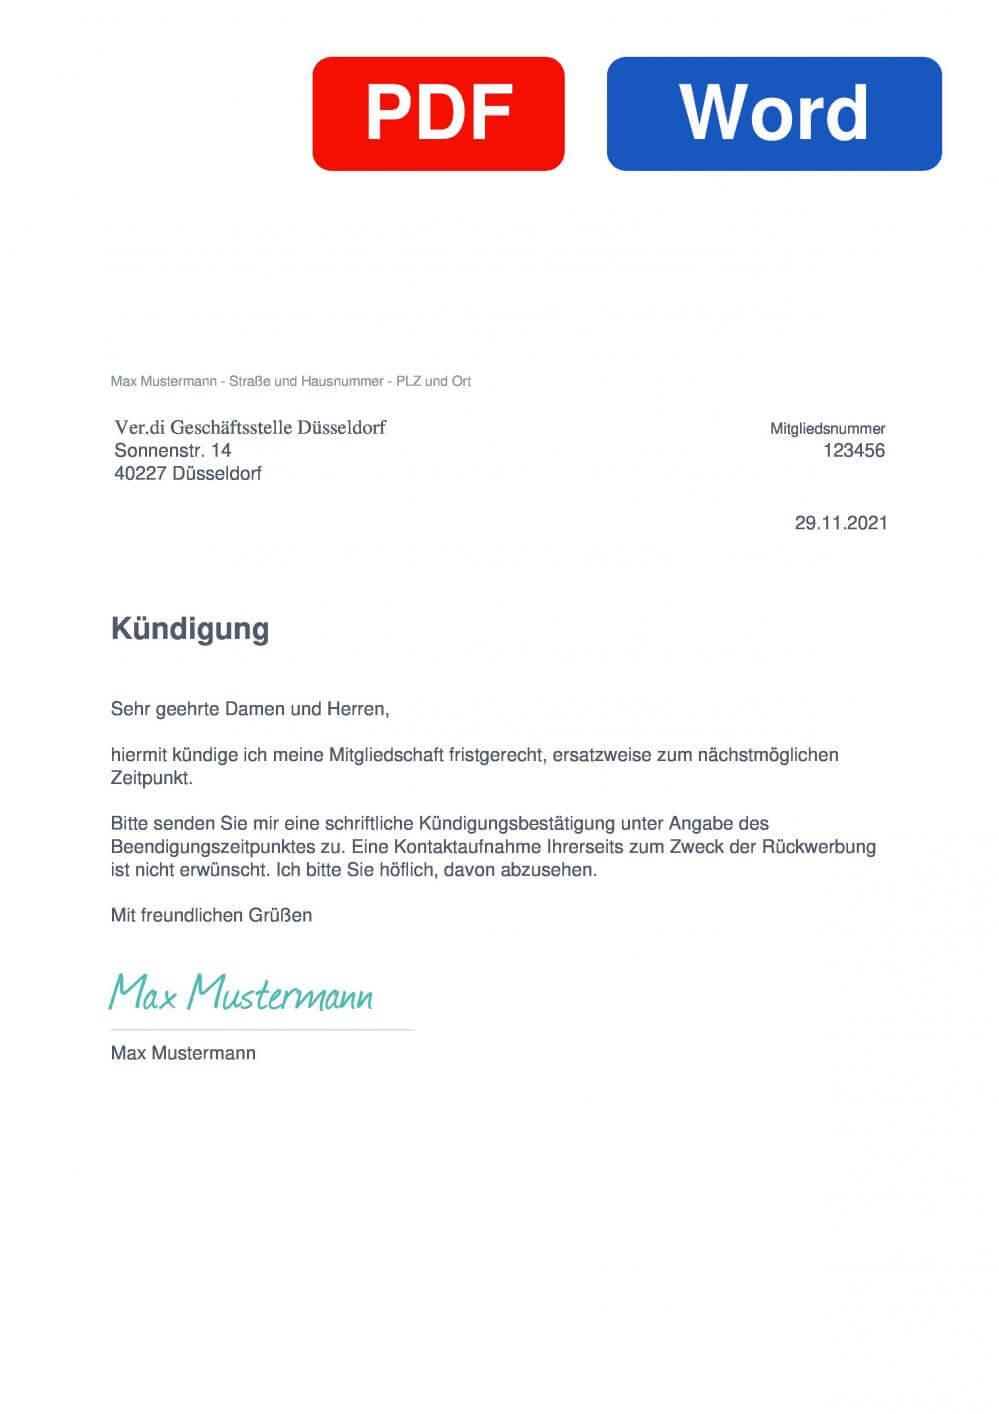 Verdi Düsseldorf Muster Vorlage für Kündigungsschreiben